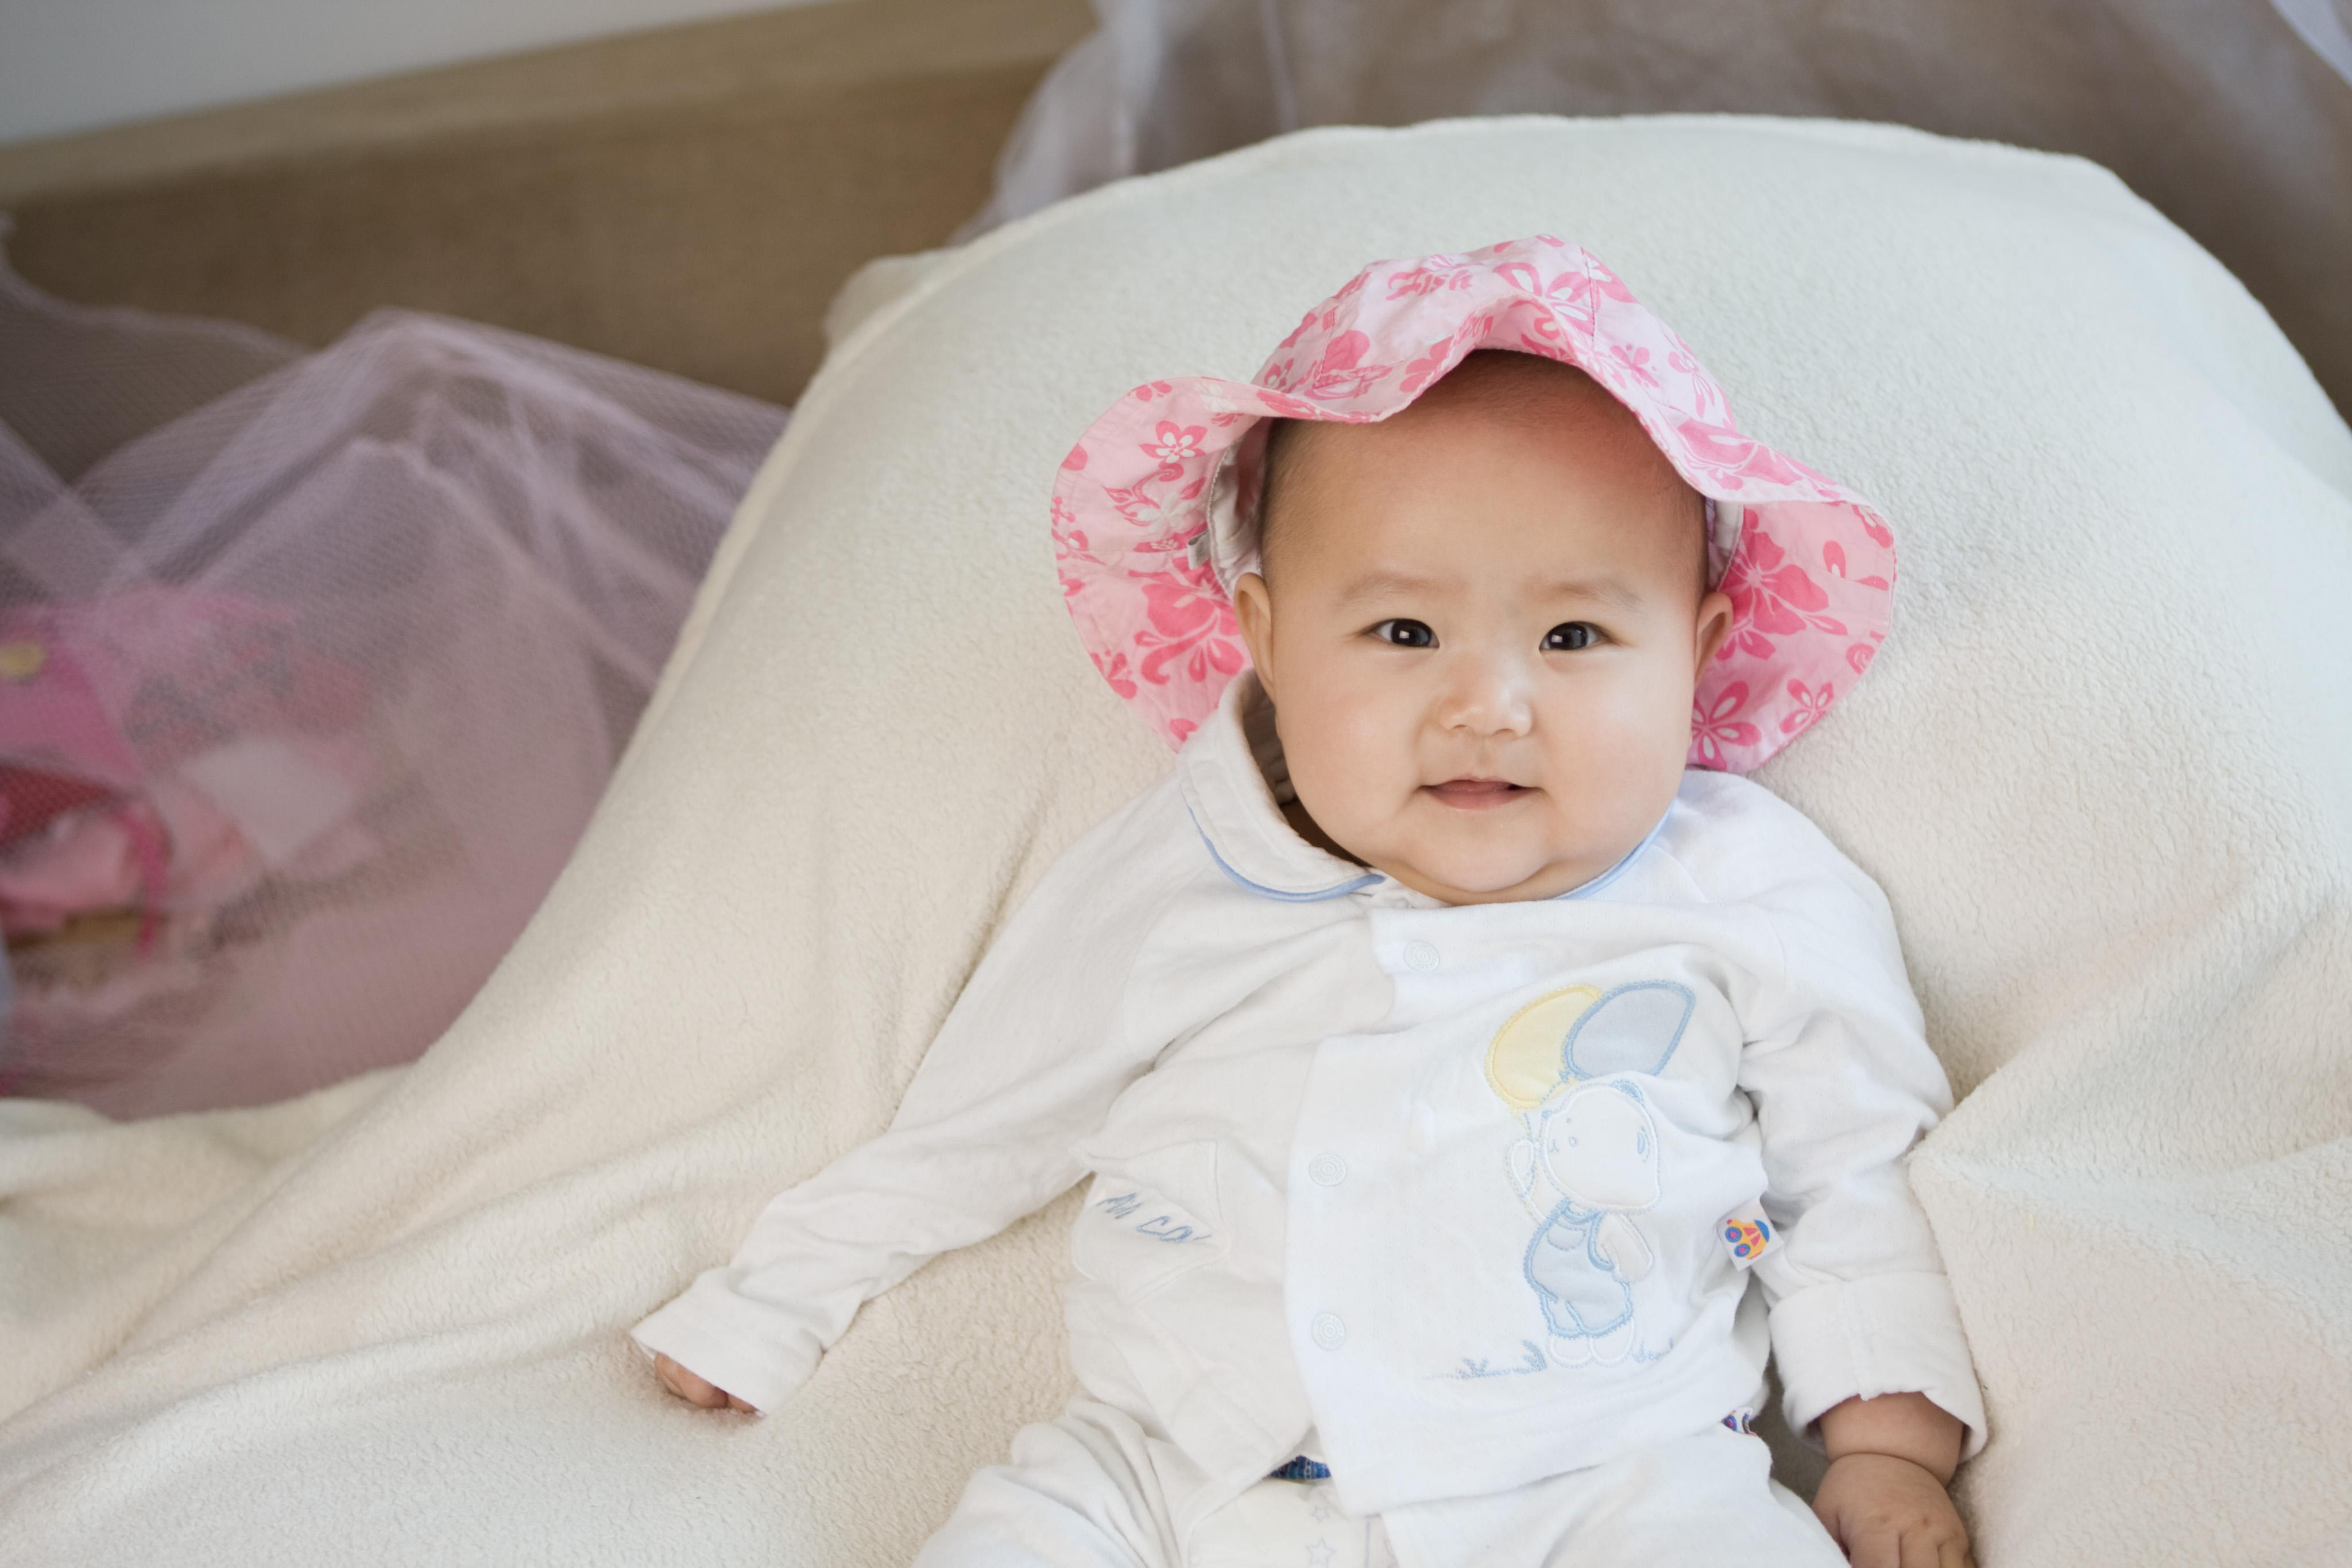 宝宝 壁纸 儿童 孩子 小孩 婴儿 4096_2731